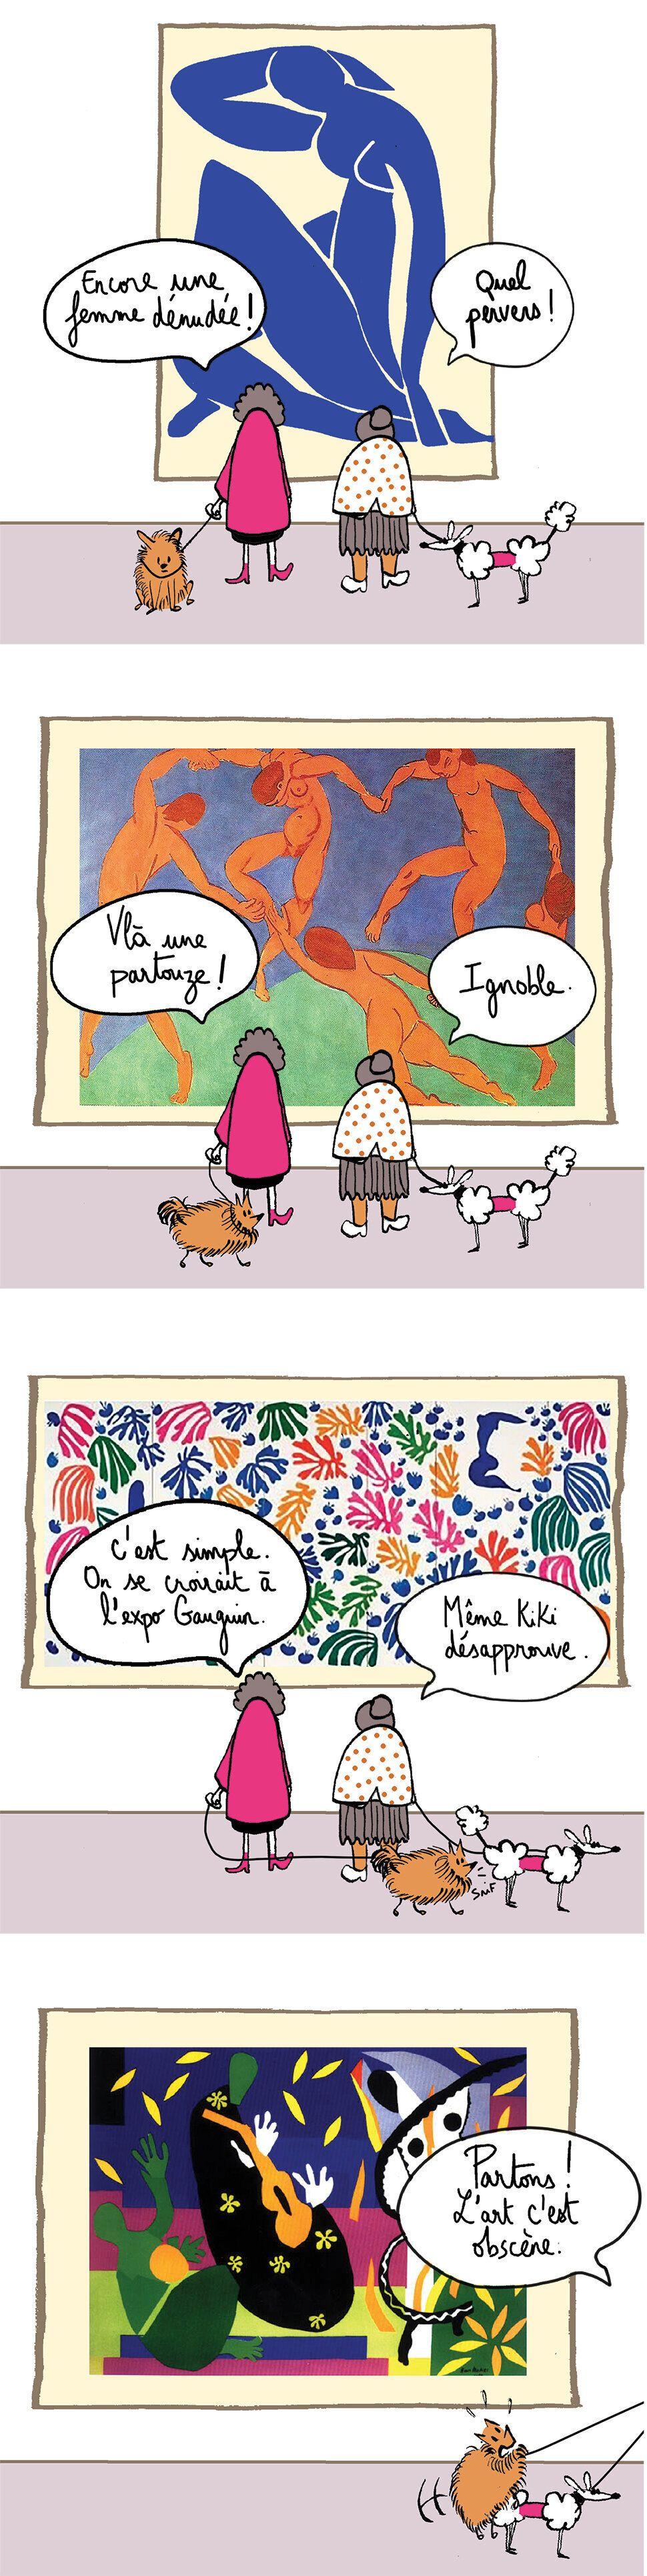 Exposition Matisse 2020, retour au calme après la controverse